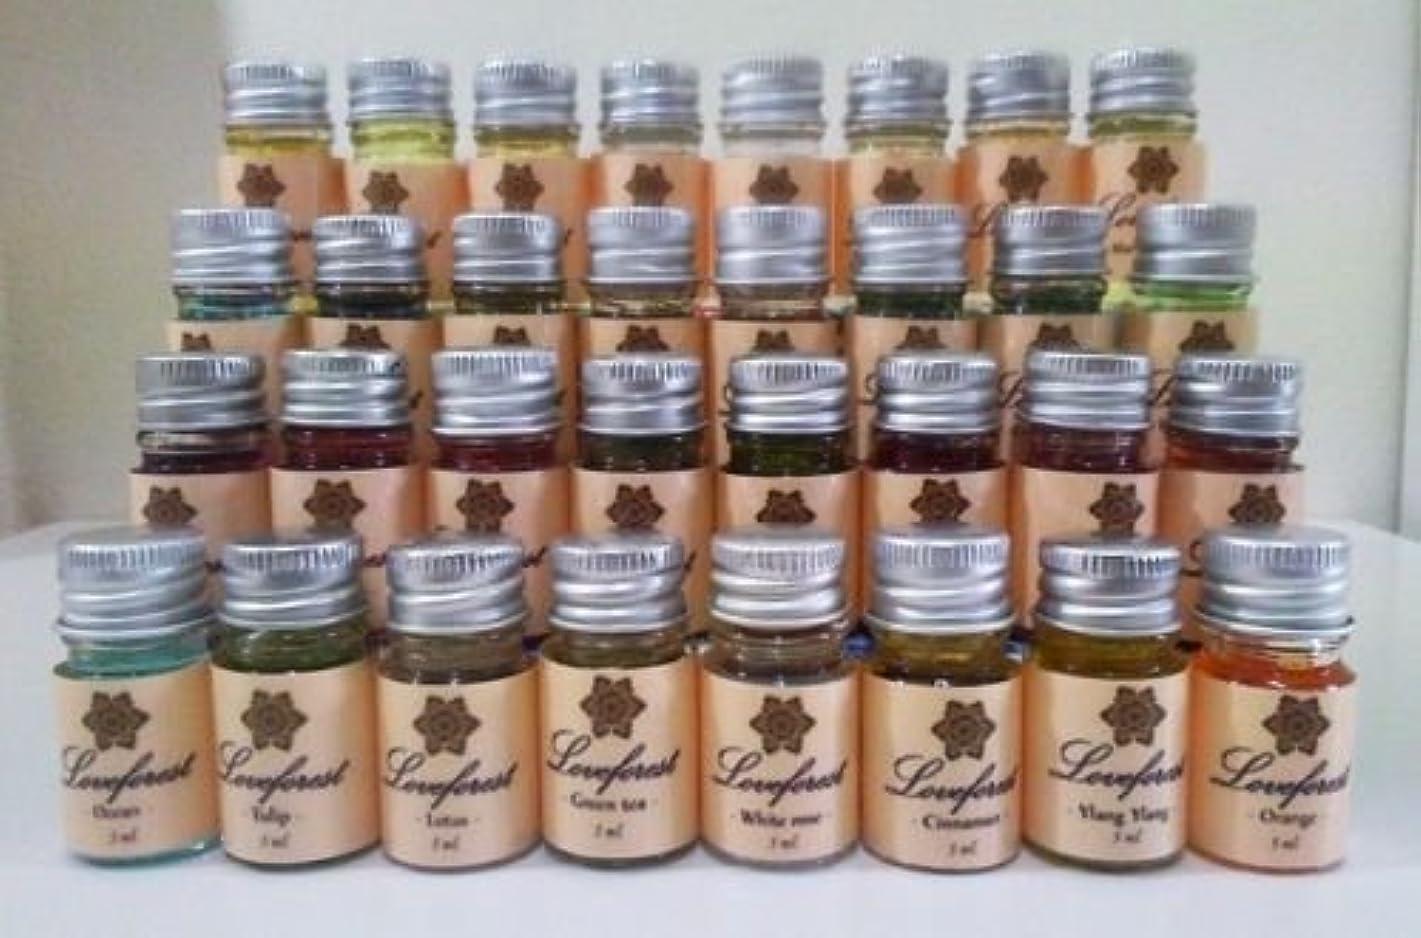 松の木閉じる世界記録のギネスブック純粋基本油 5ml 治療級 アロマセラピー送料無料 - ローズ